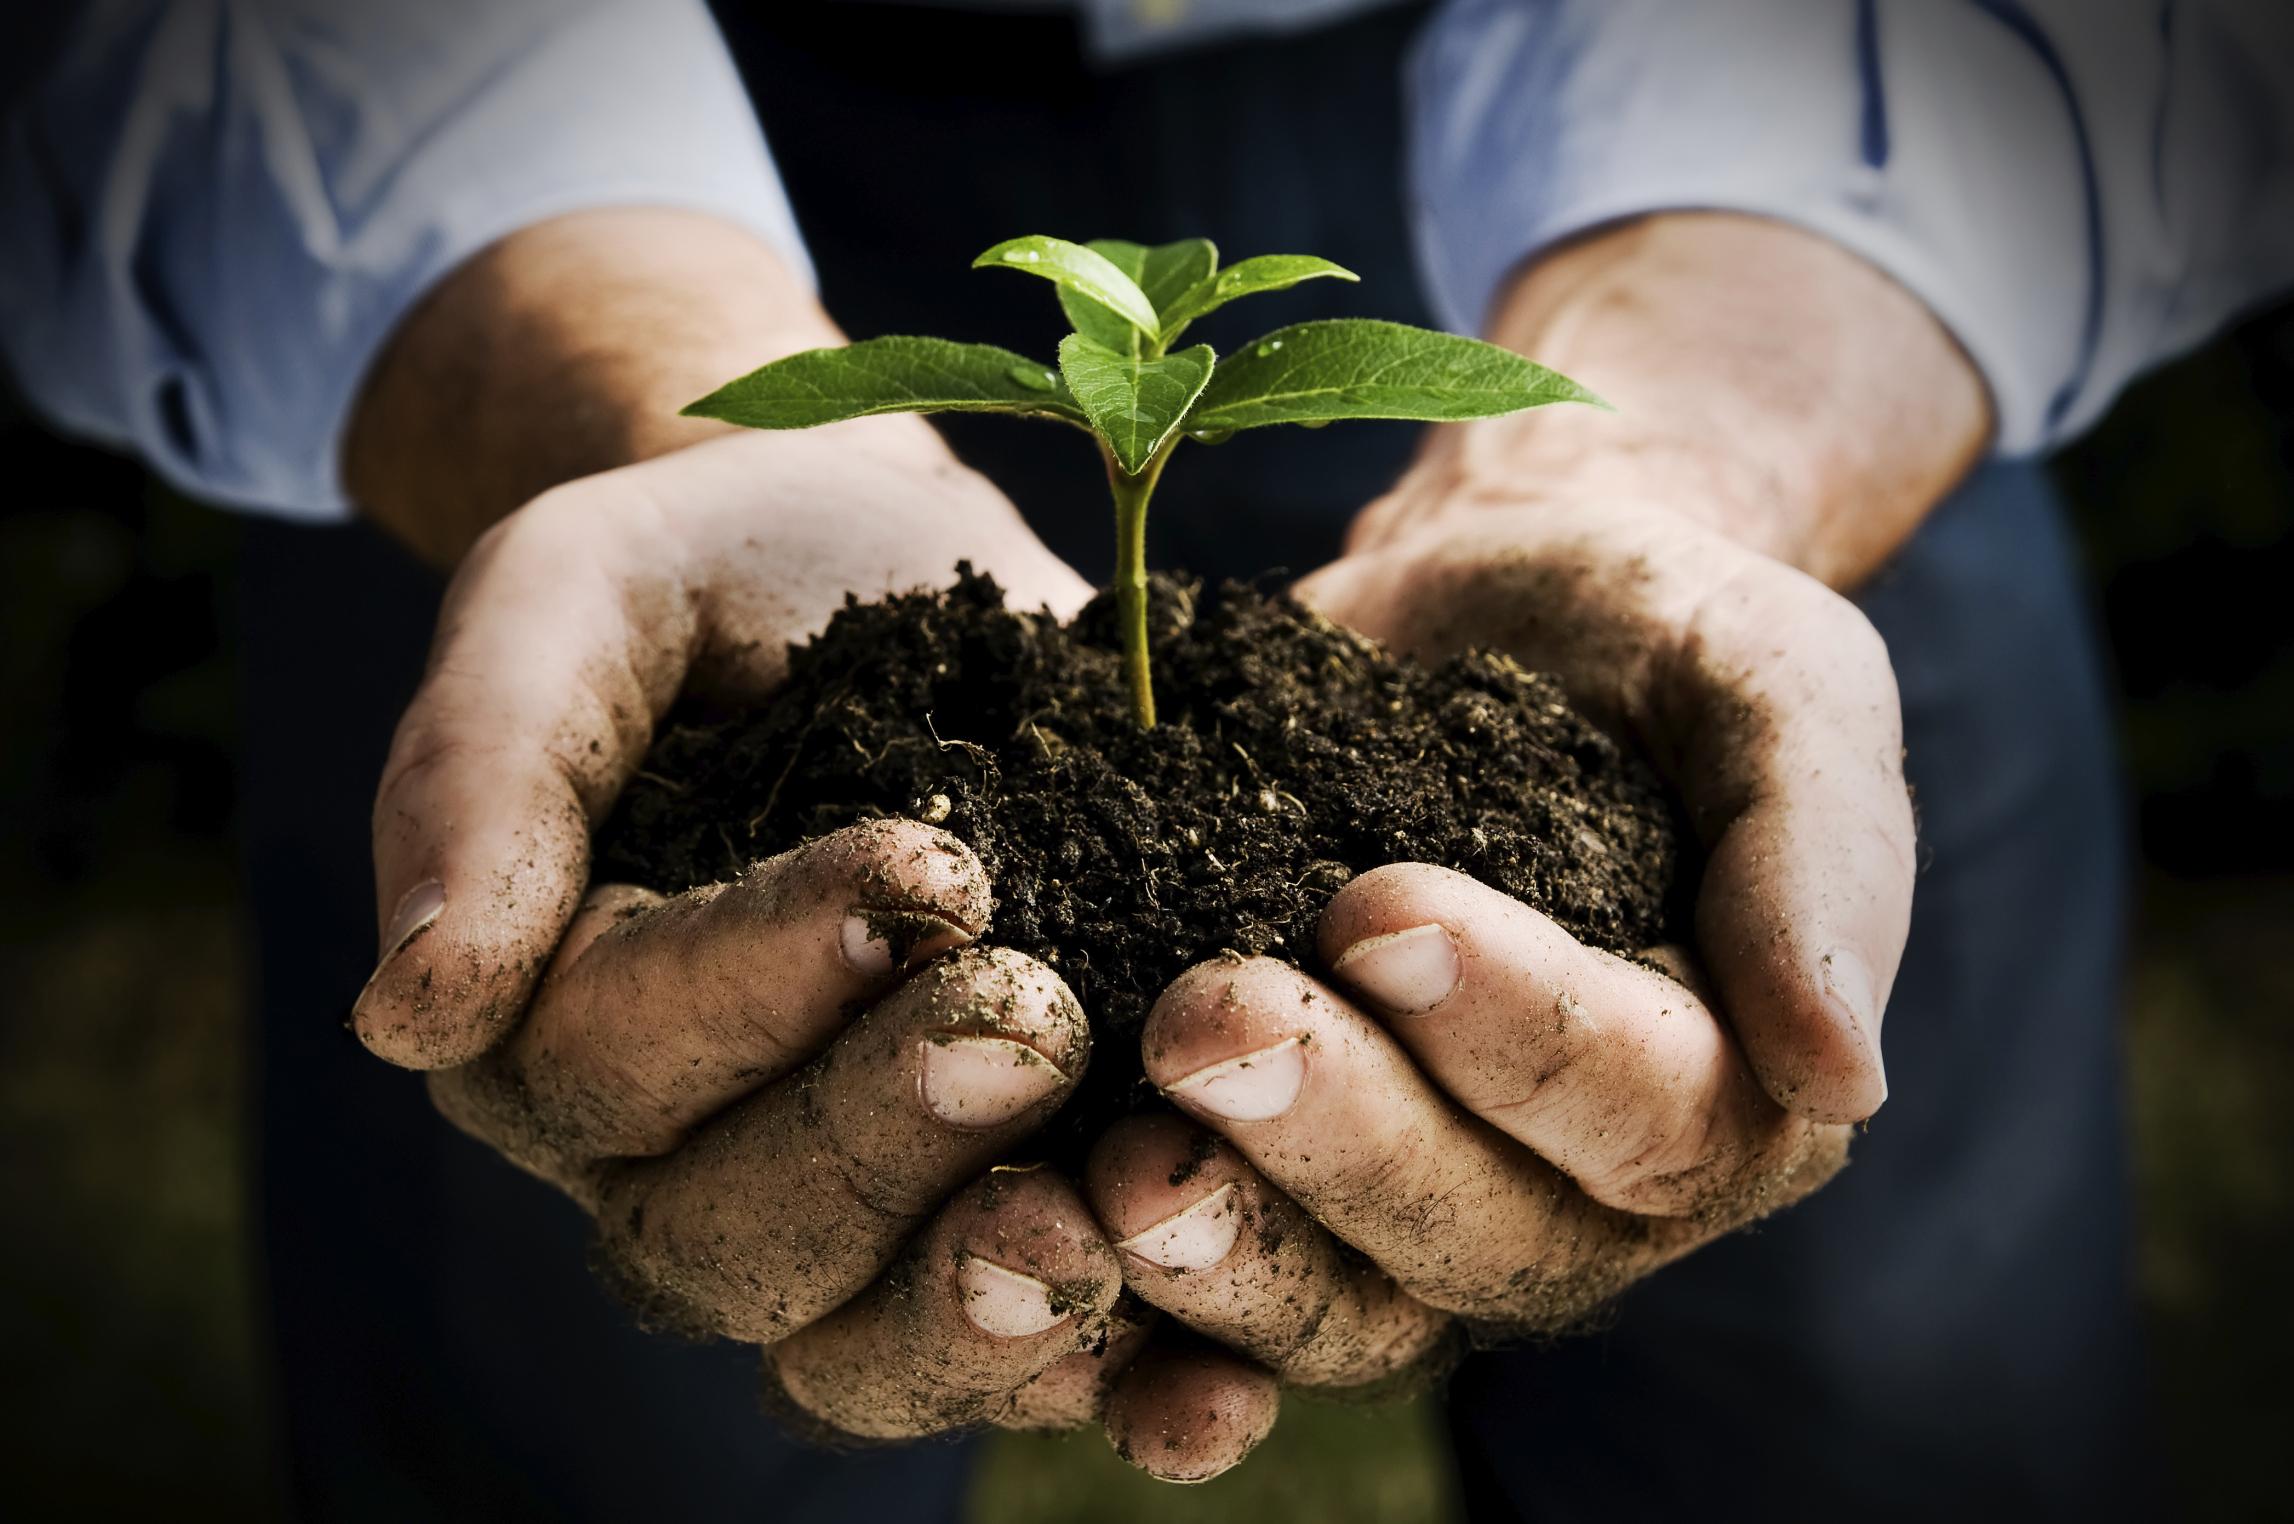 Solo Natura: Biologico, Biodinamico e Vini Naturali